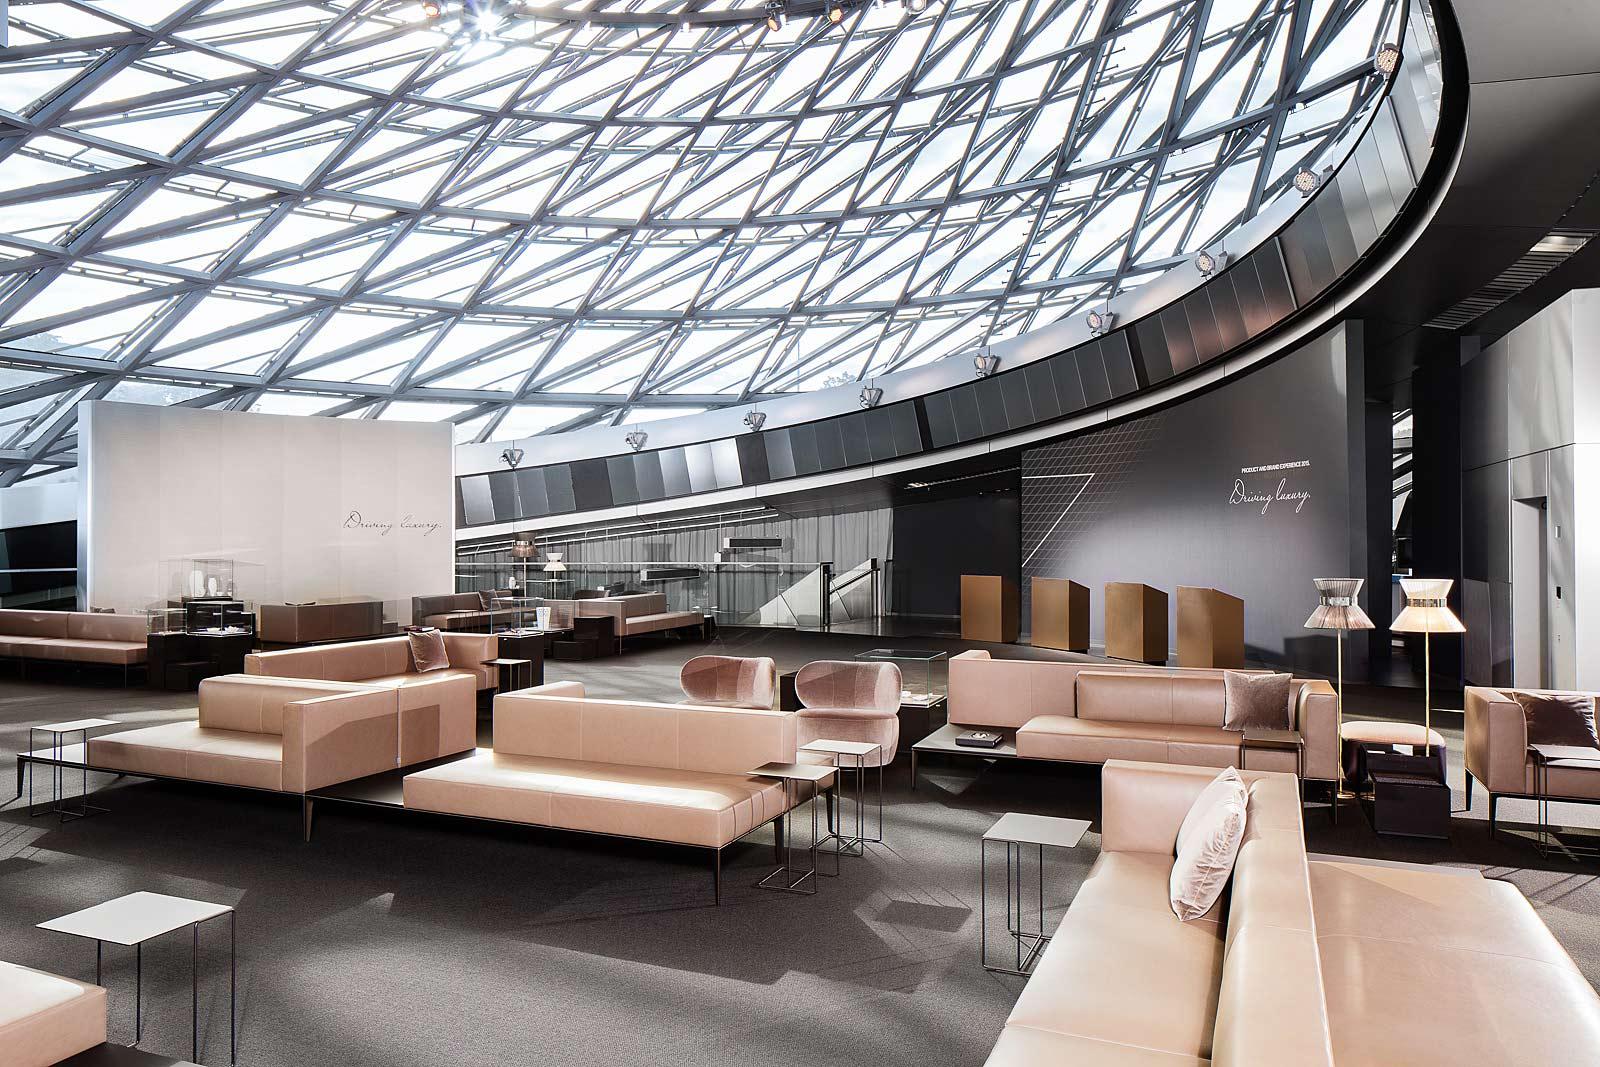 Architekturfotograf aus münchen für Walter Knoll, Innenarchitektur Fotograf, in münchen,